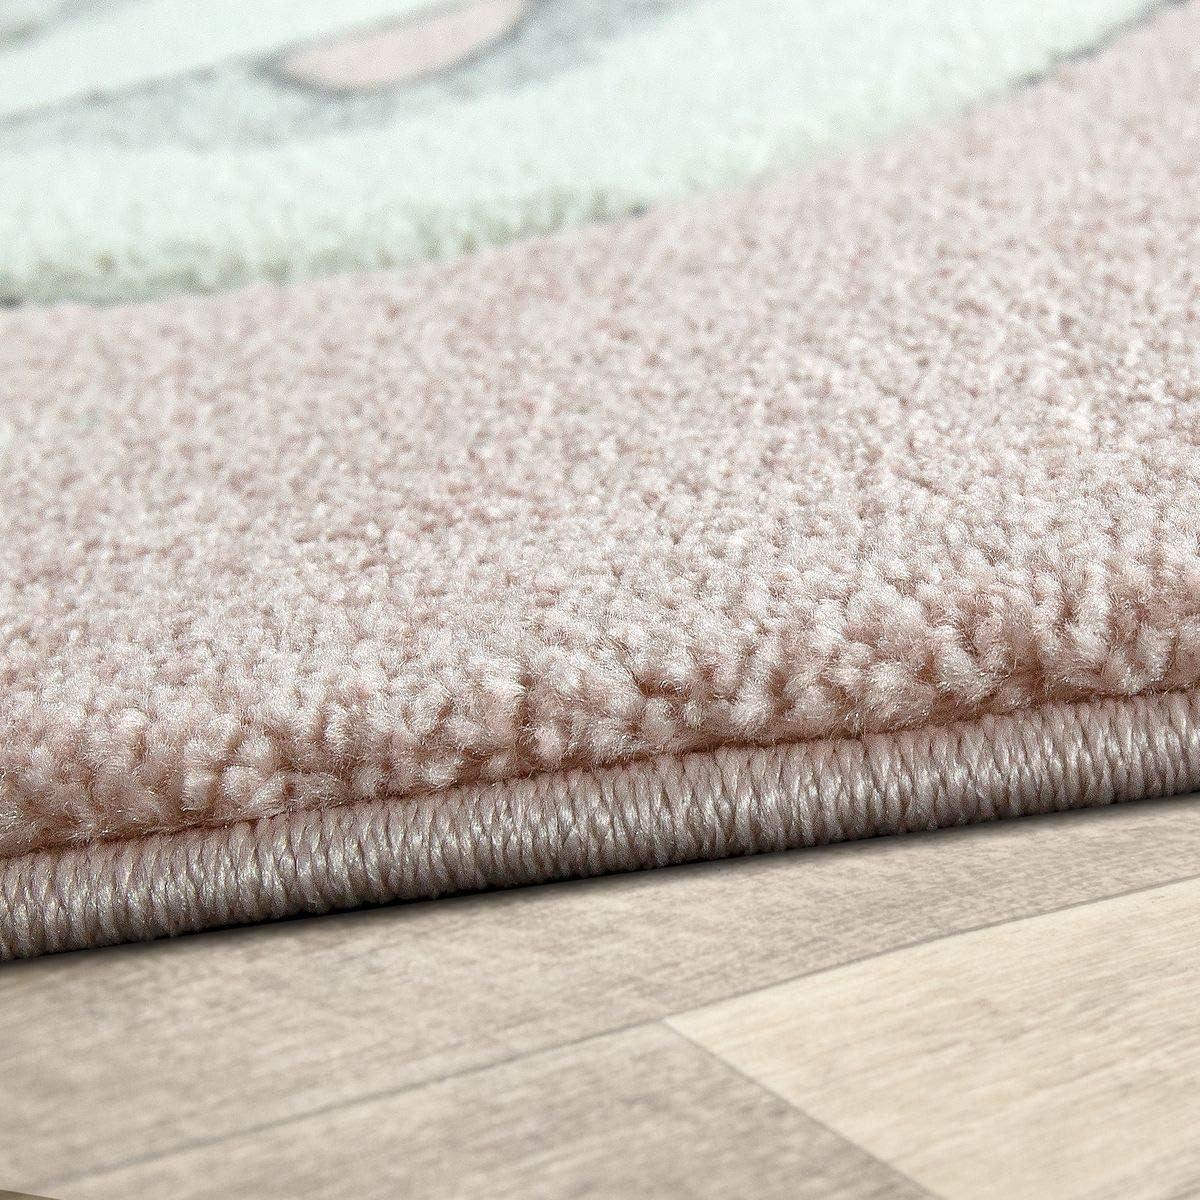 TT Home Kinder Teppich Moderner Spielteppich Einhorn Sternen Design Mit Wolken Rosa Gr/ö/ße:120x170 cm